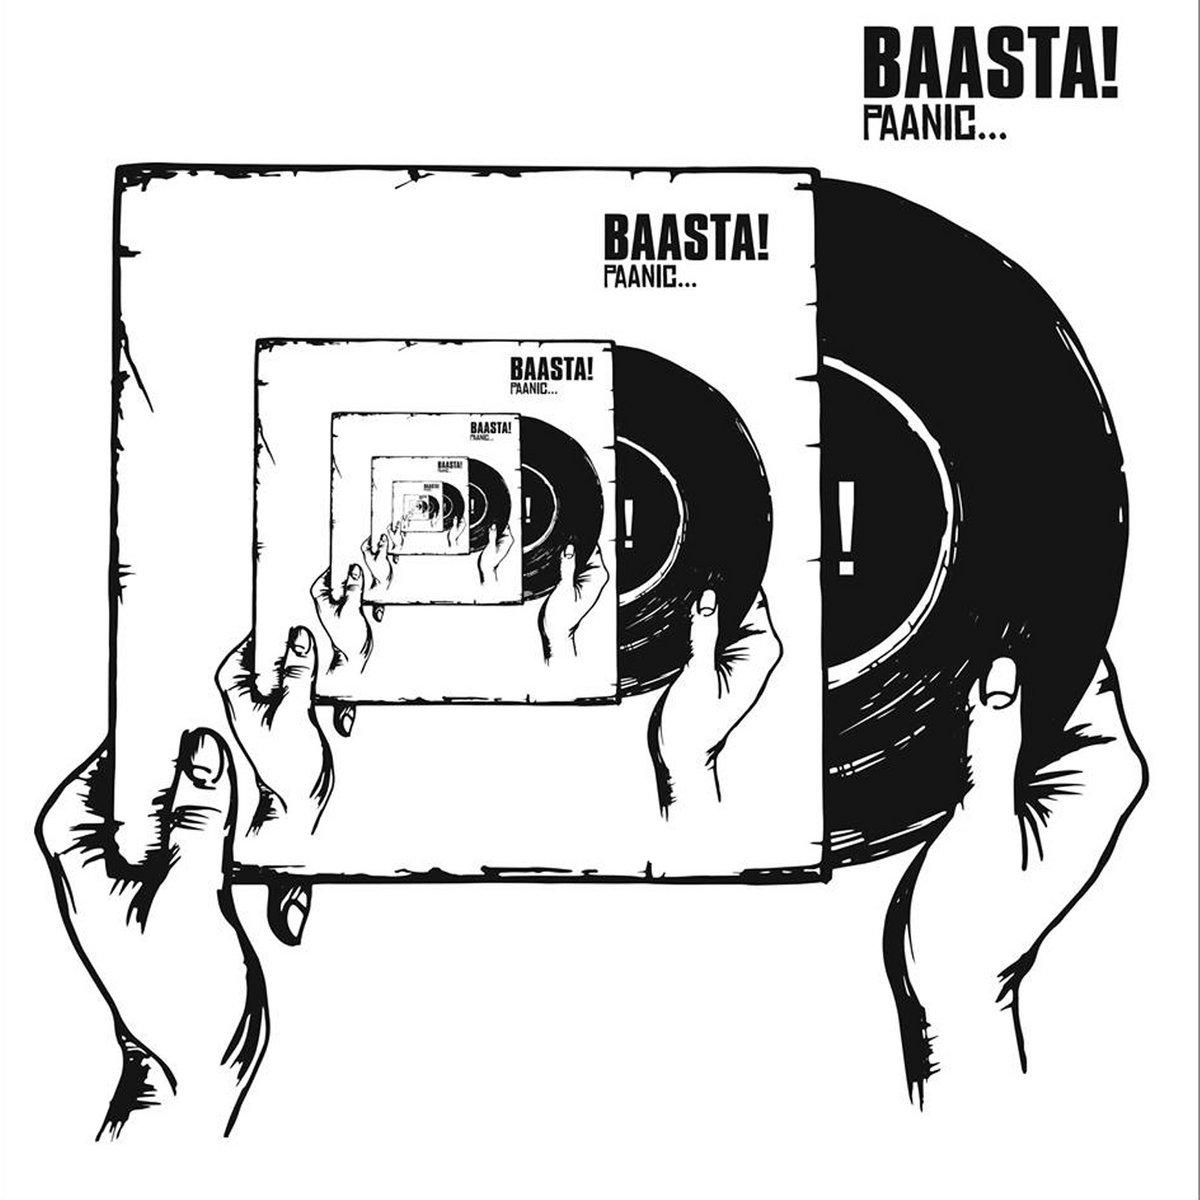 Baasta! – Paanic